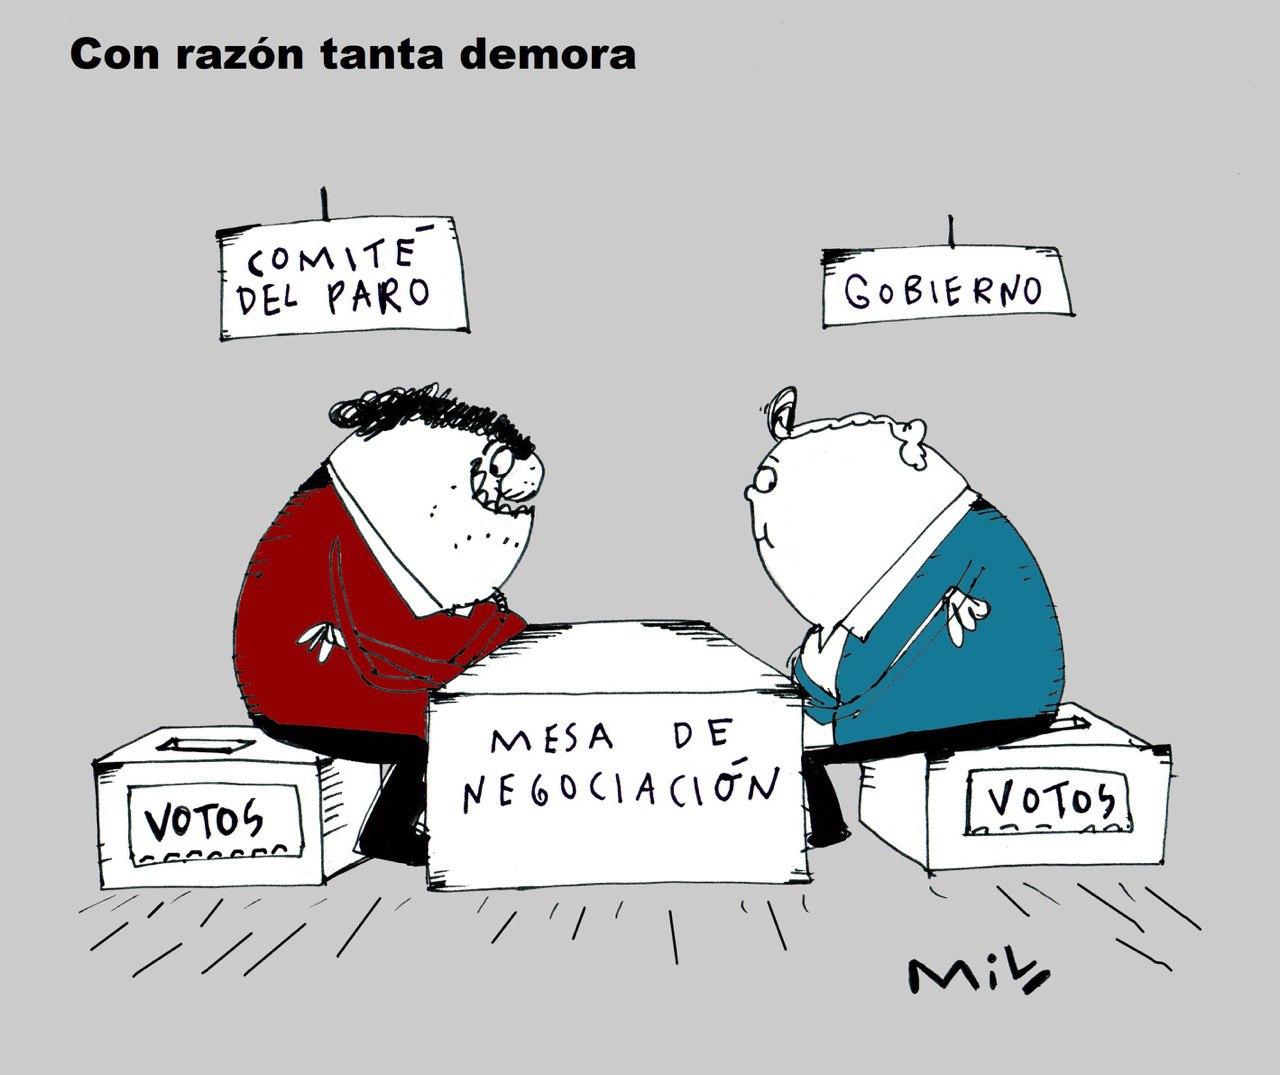 Con razón tanta demora - #Caricatura7días 1